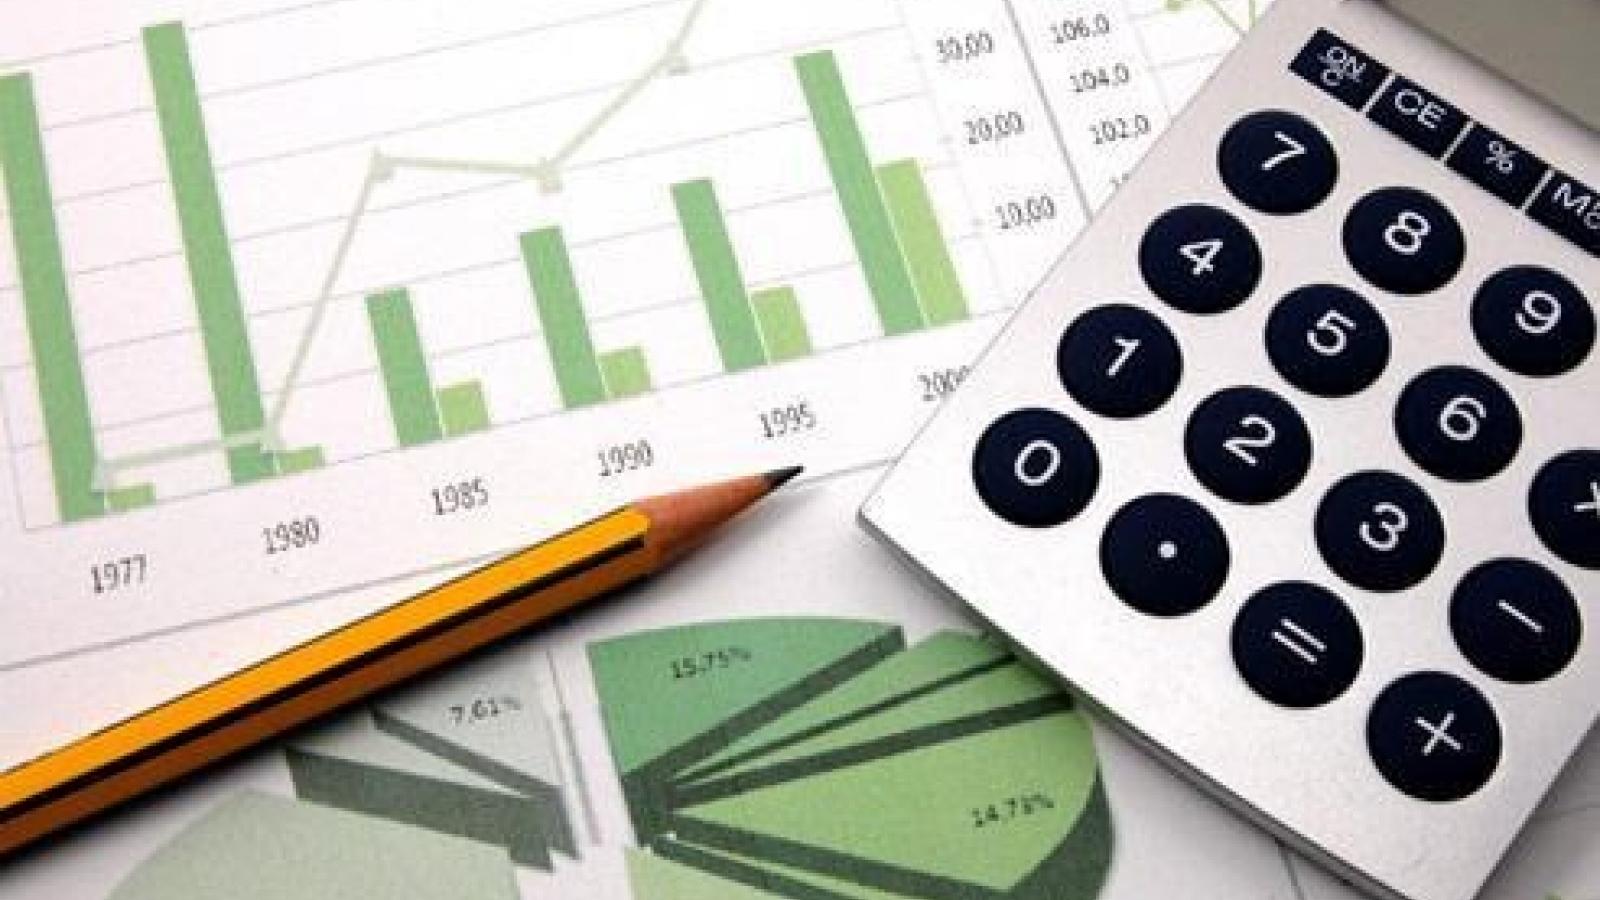 Thủ tướng phê duyệt Chương trình quản lý nợ công 3 năm giai đoạn 2021-2023